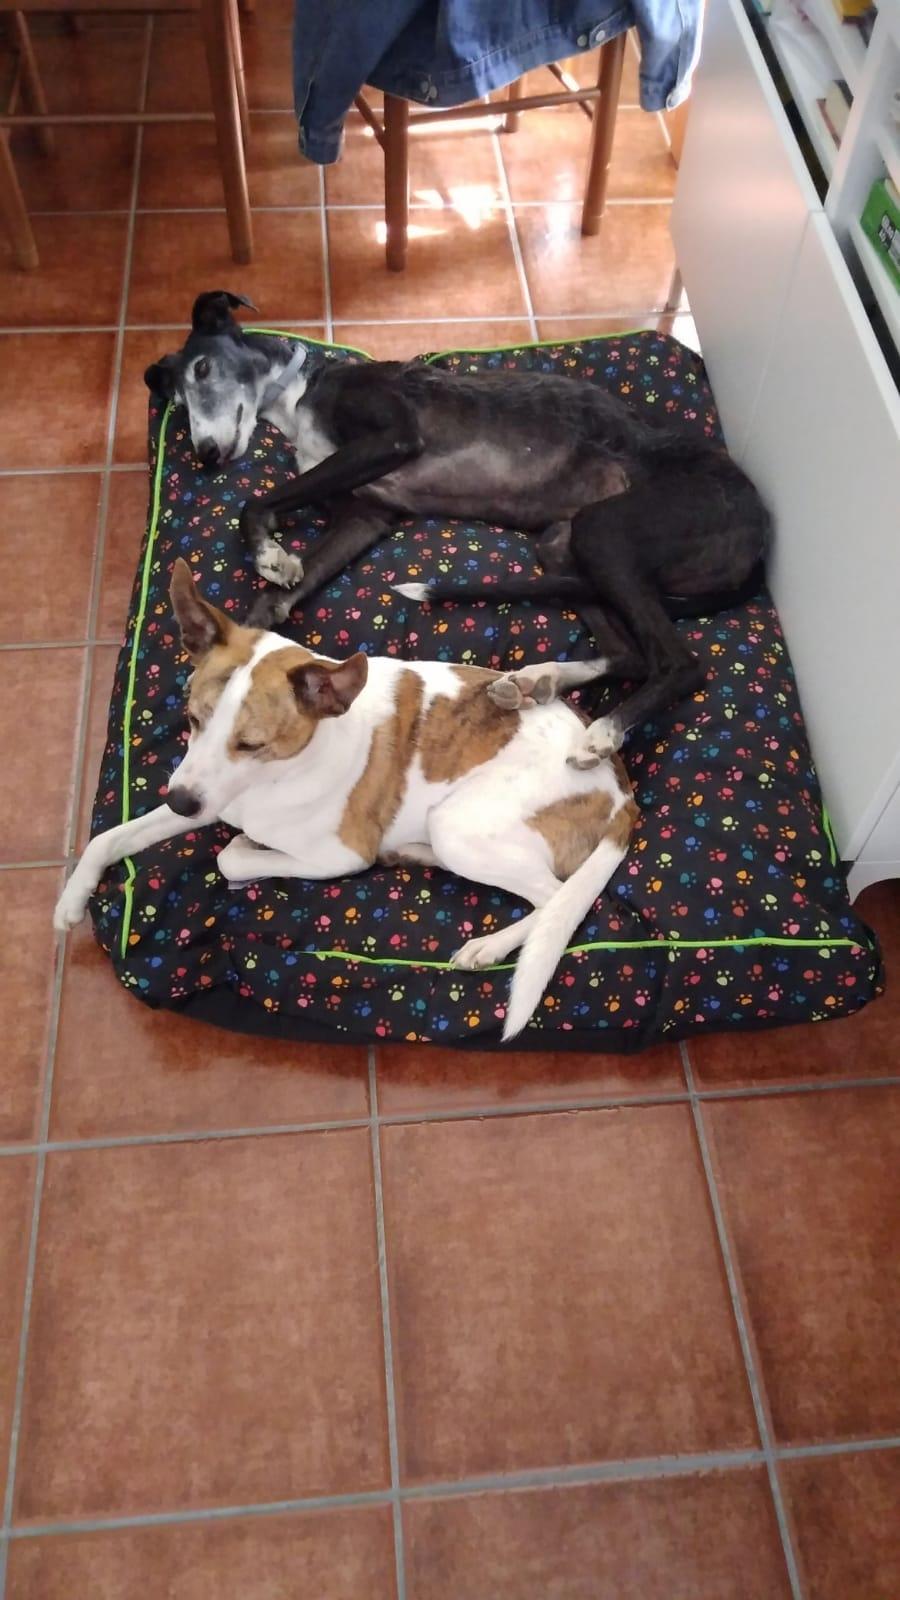 Bolo y lola en su cama nueva